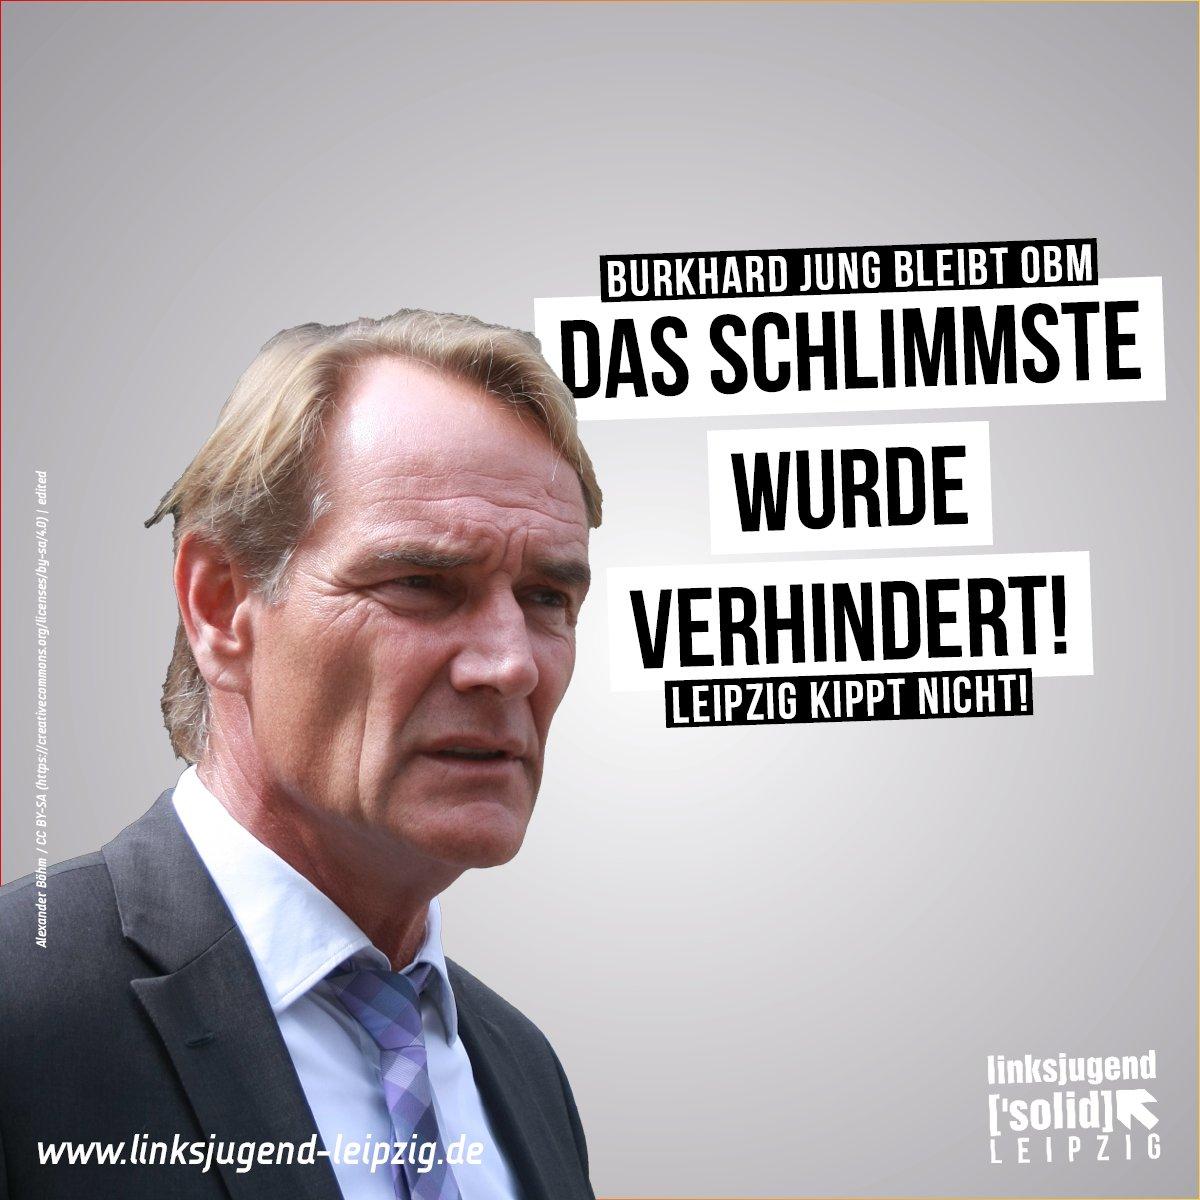 Burkhard Jung